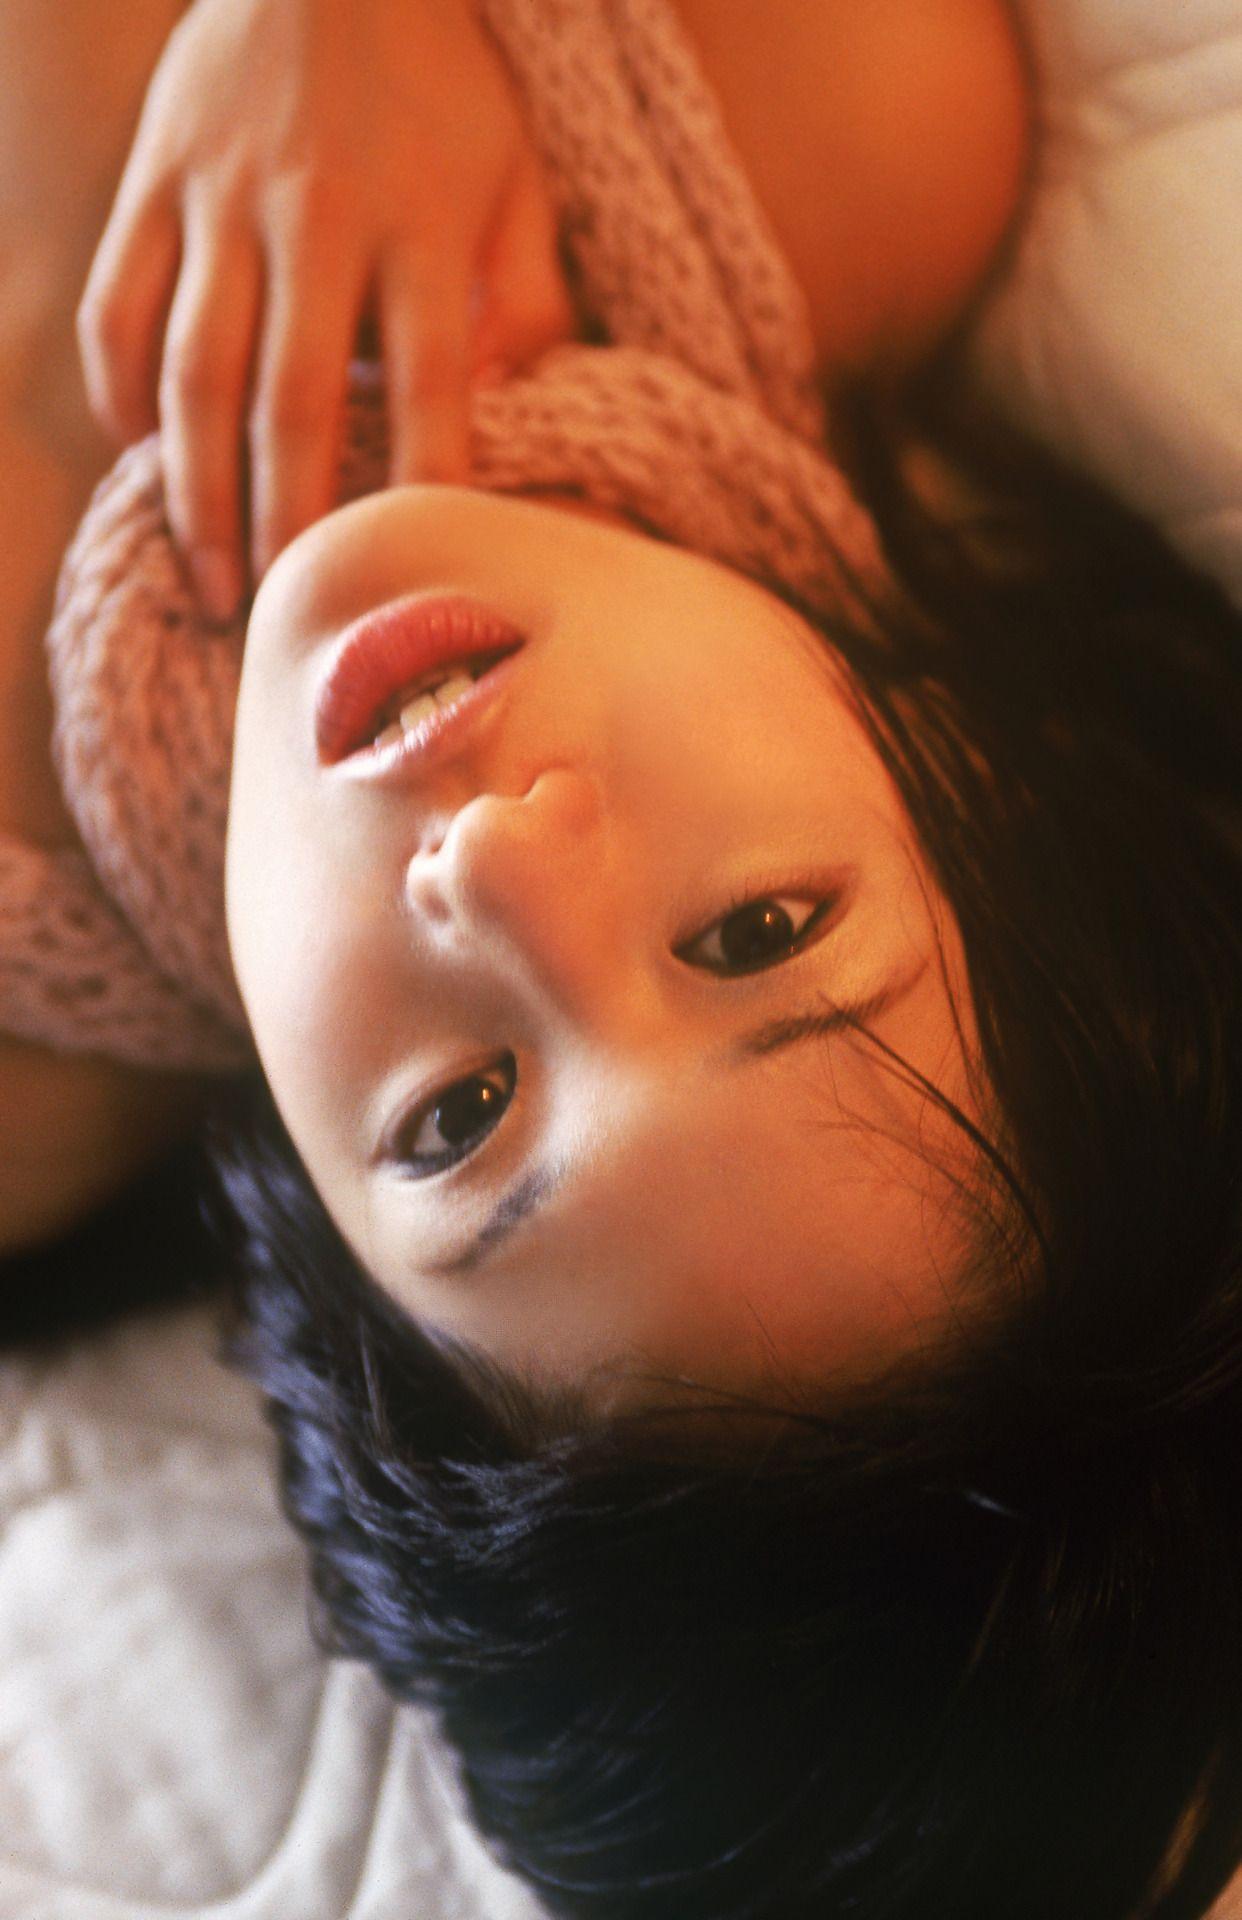 Sora Aoi | 蒼井 そら